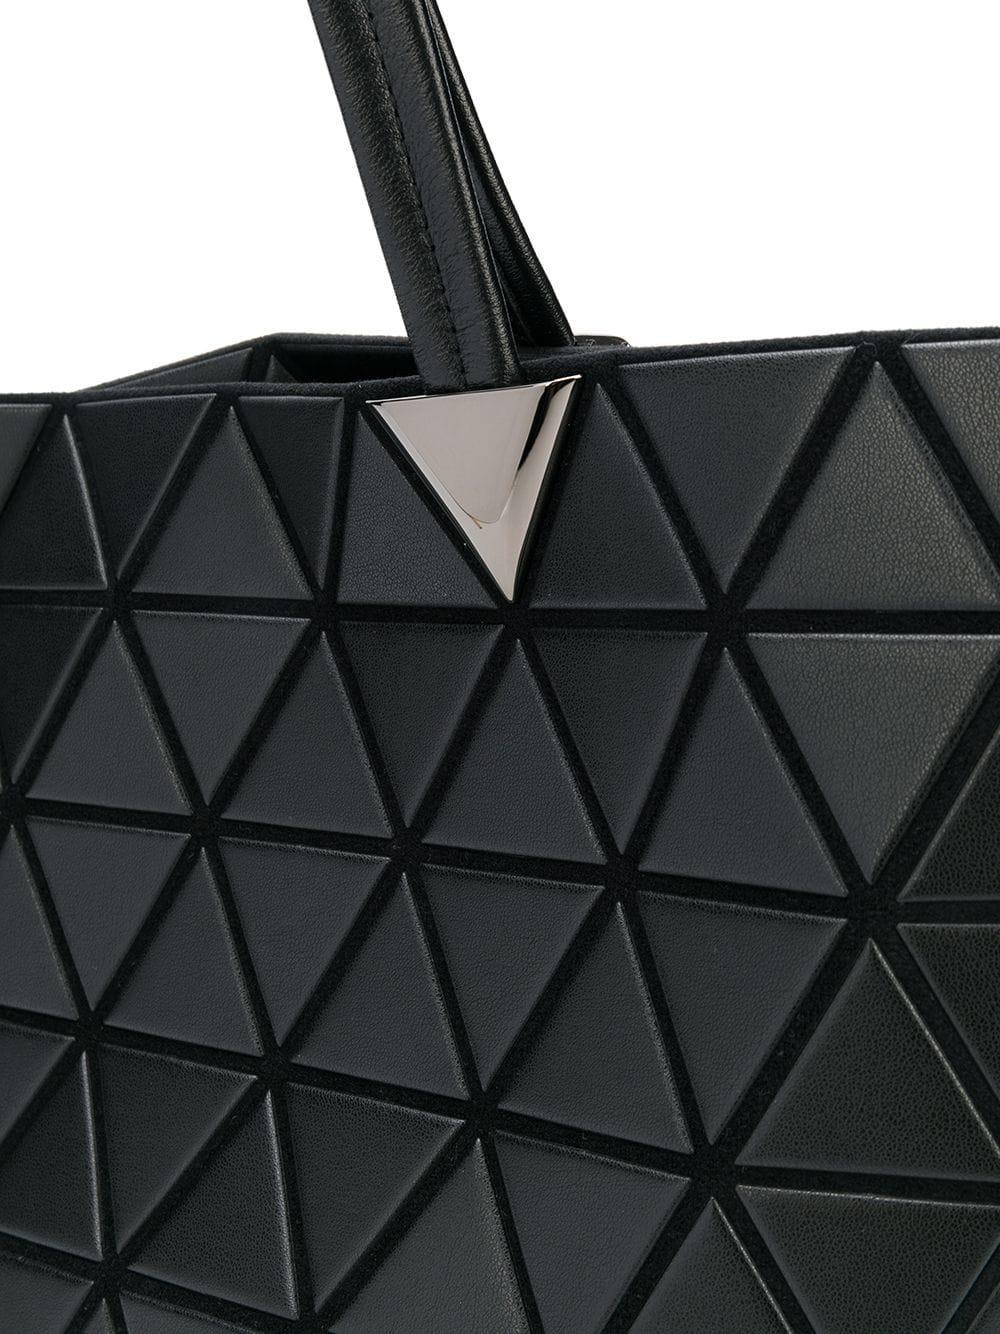 a1f3211286 Lyst - Bao Bao Issey Miyake Bateau Matte Tote Bag in Black